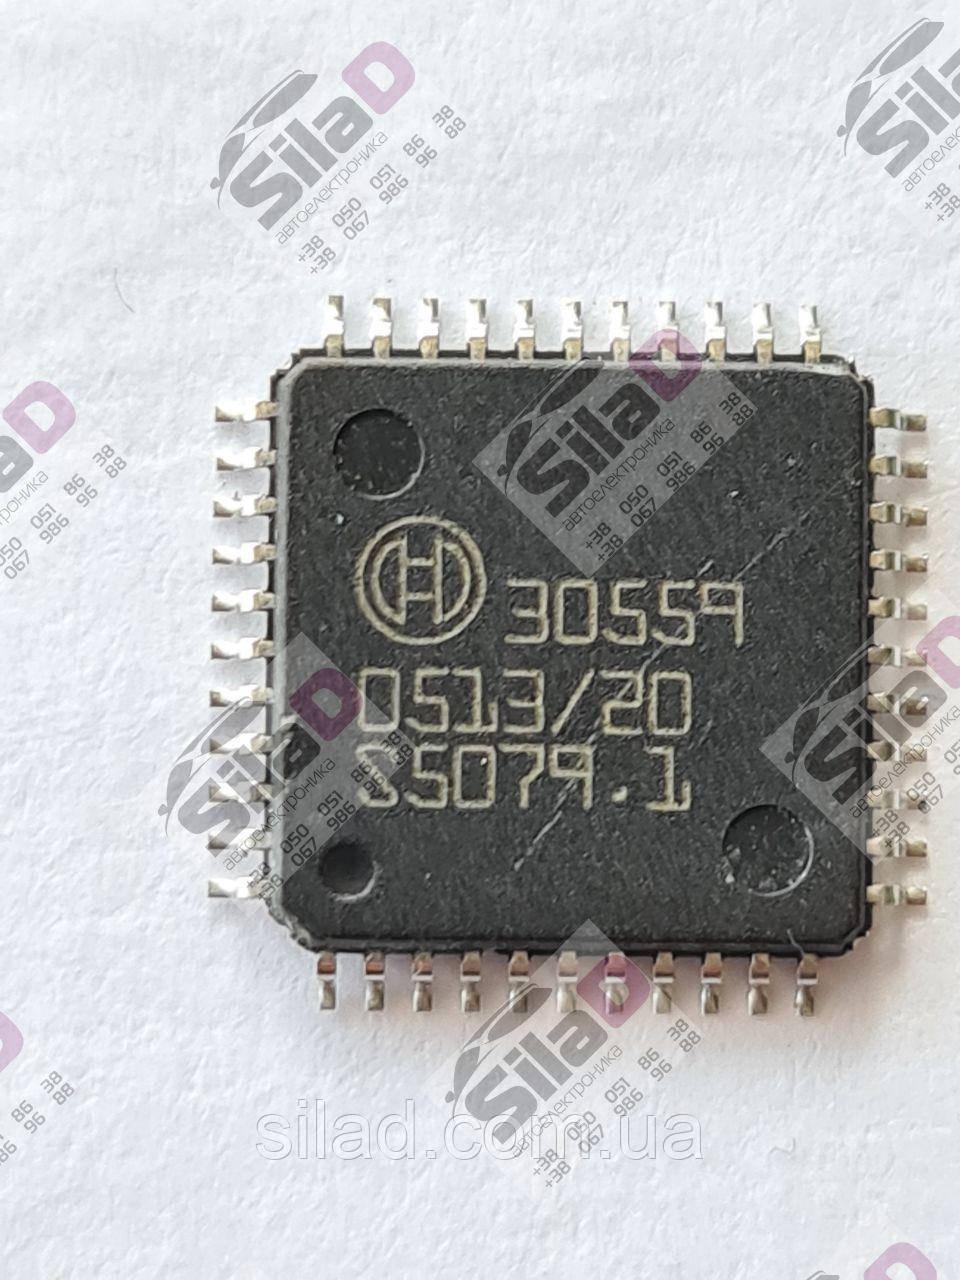 Микросхема Bosch 30559 корпус QFP-44